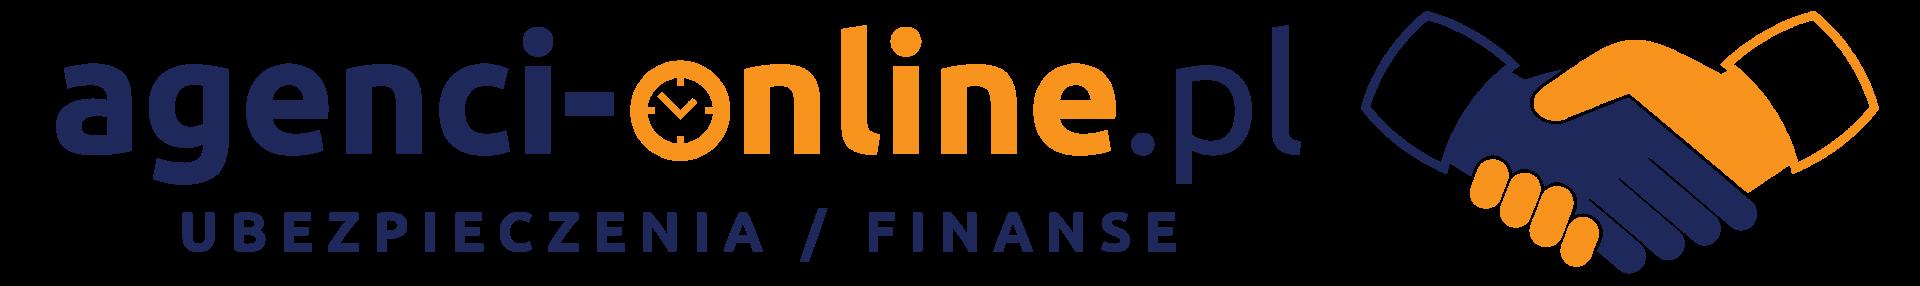 Ubezpieczenia / Finanse